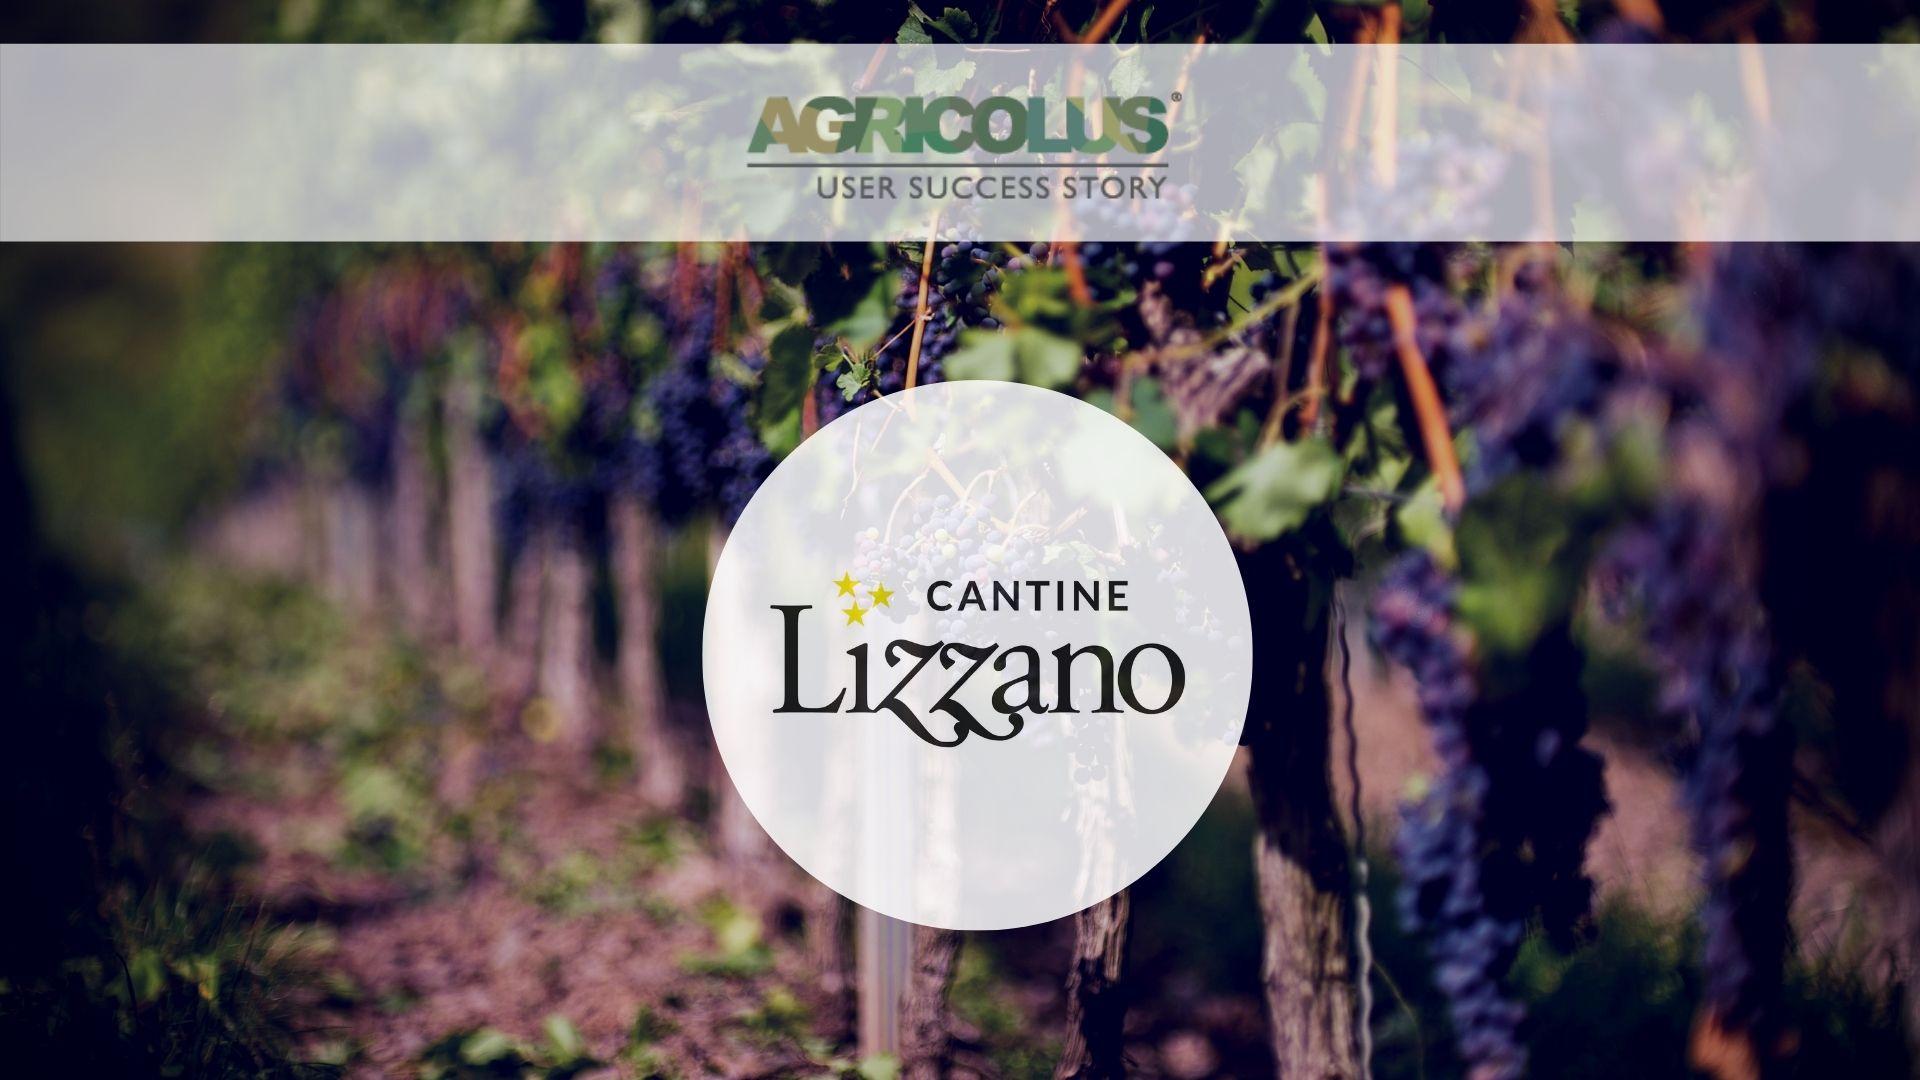 #Agricolus casi di successo: Cantine Lizzano e la gestione del vigneto